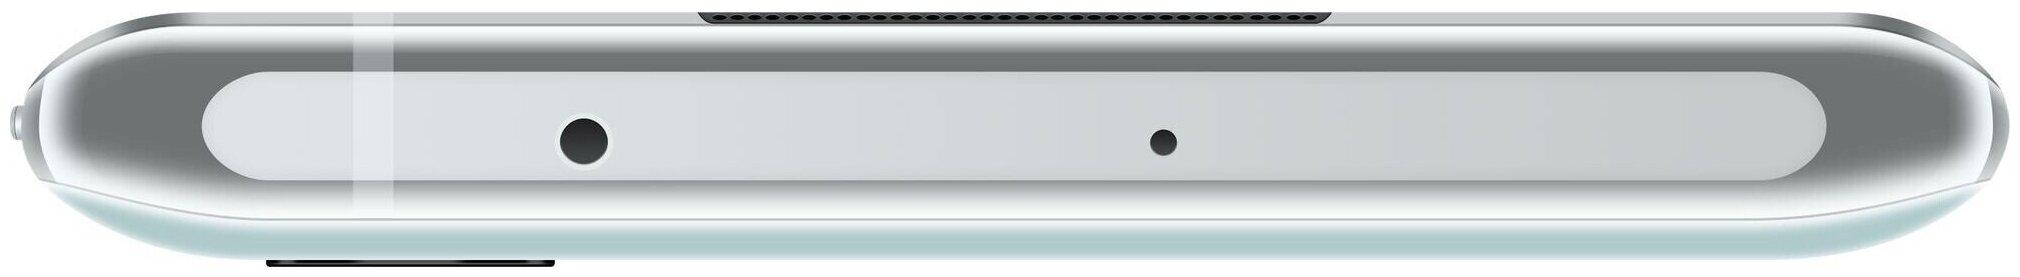 Фото #8: Xiaomi Mi Note 10 Lite 6/128GB